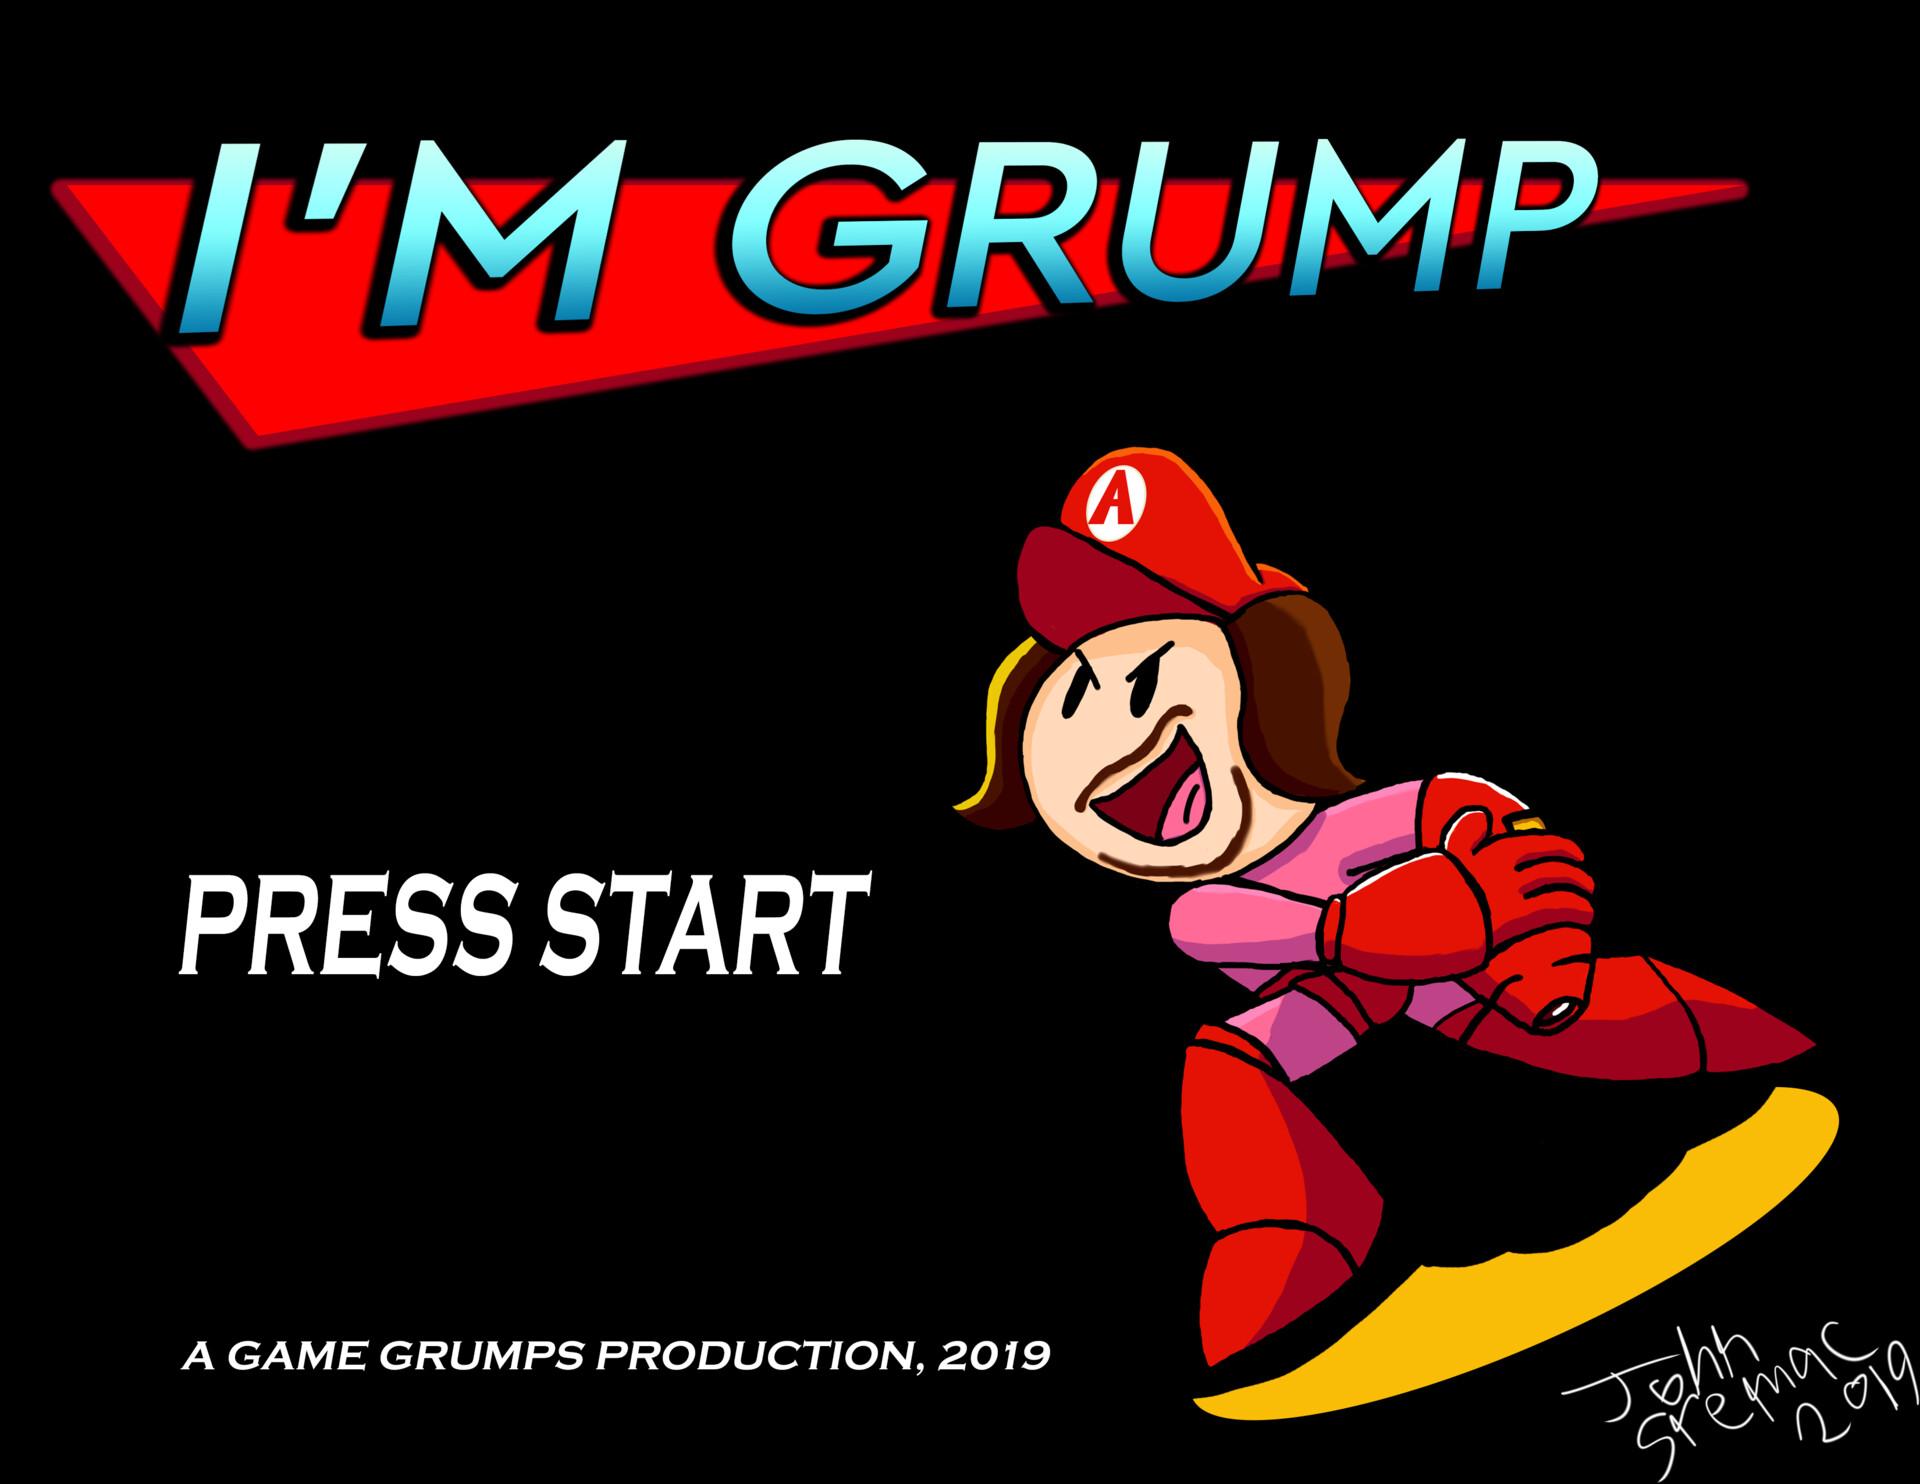 Game Grumps - Wikipedia